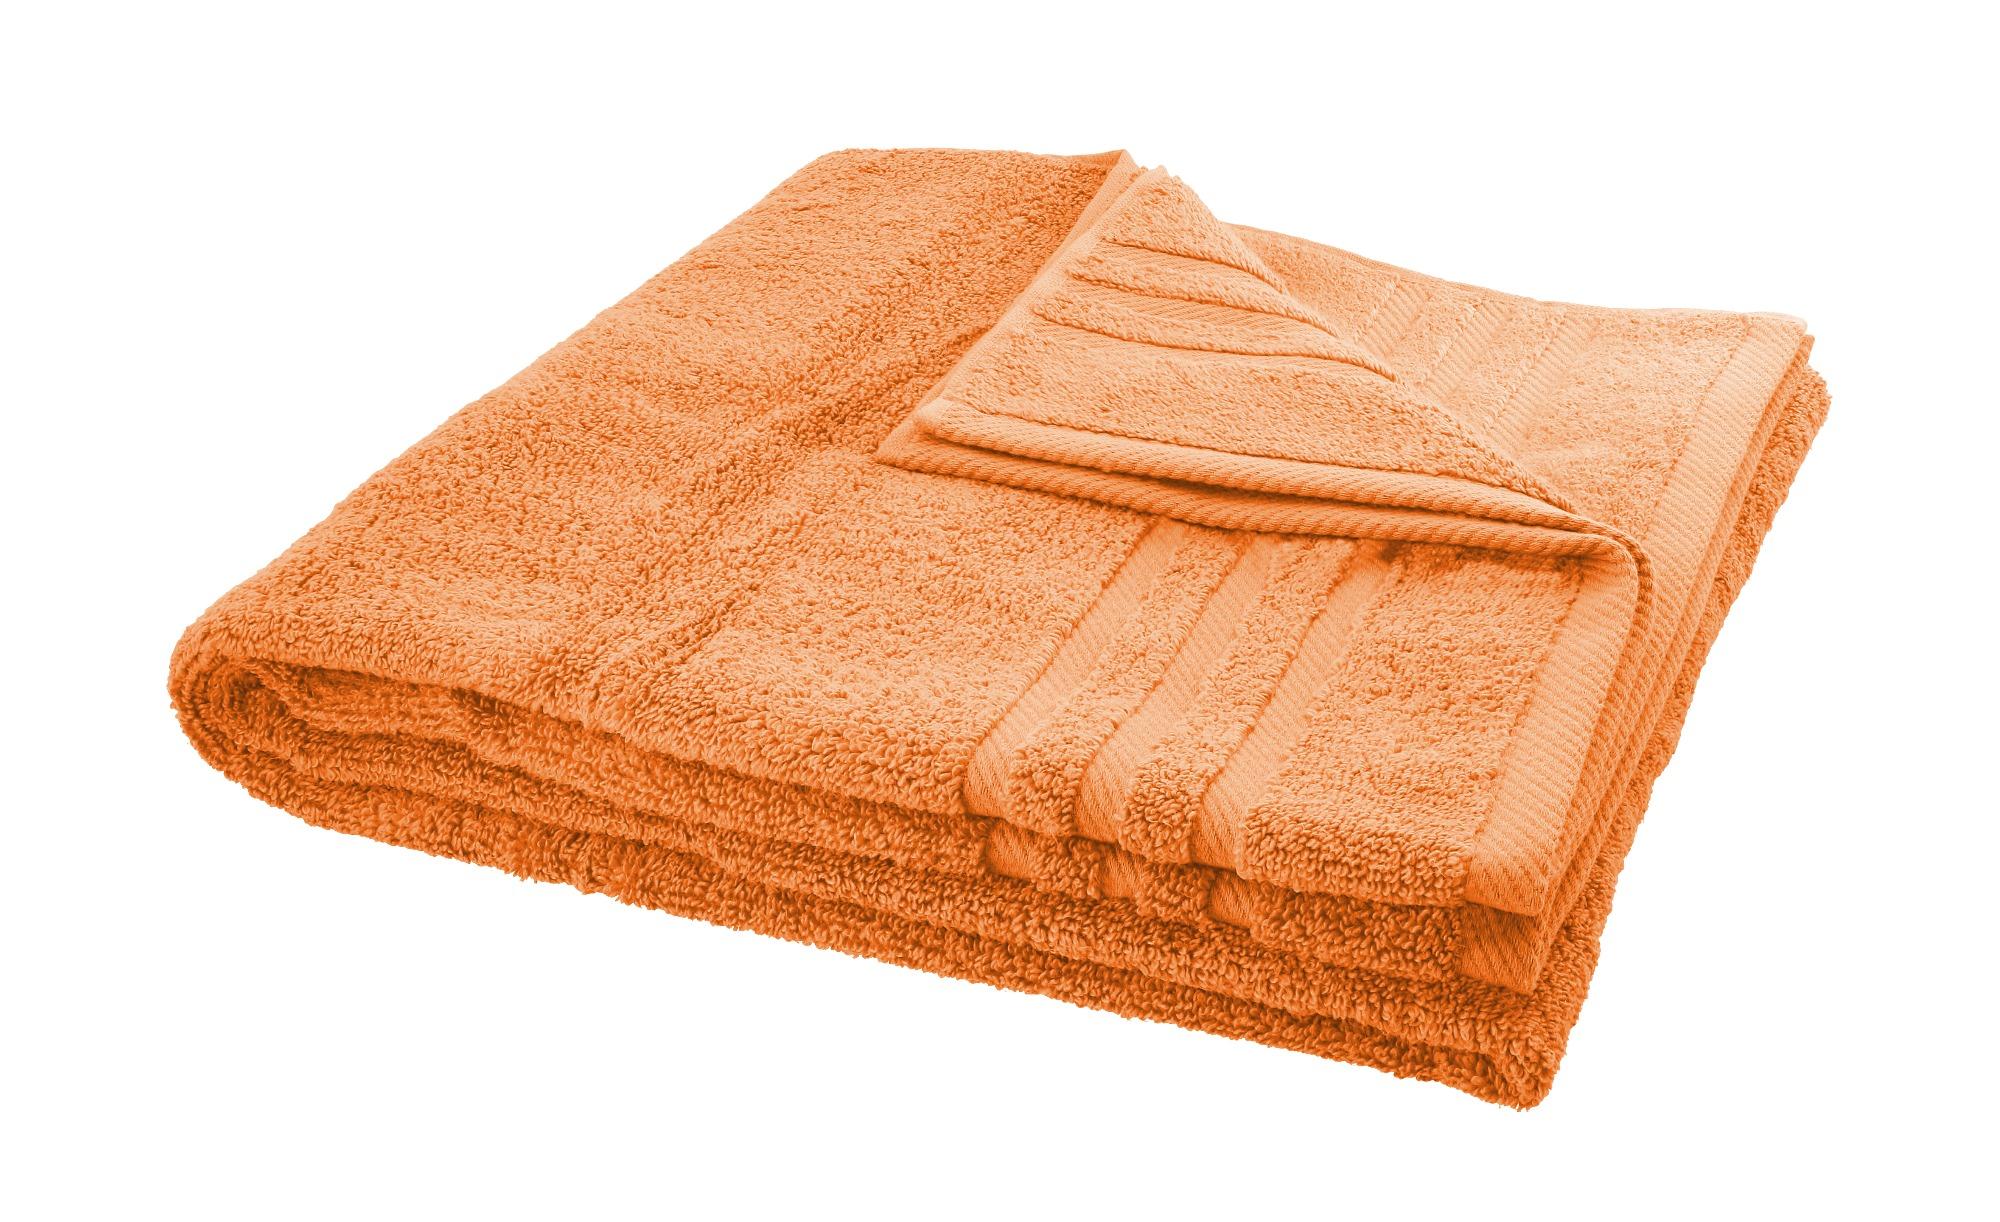 LAVIDA Duschtuch  Soft Cotton ¦ orange ¦ reine Micro-Baumwolle ¦ Maße (cm): B: 70 Badtextilien und Zubehör > Handtücher & Badetücher > Duschtücher - Höffner